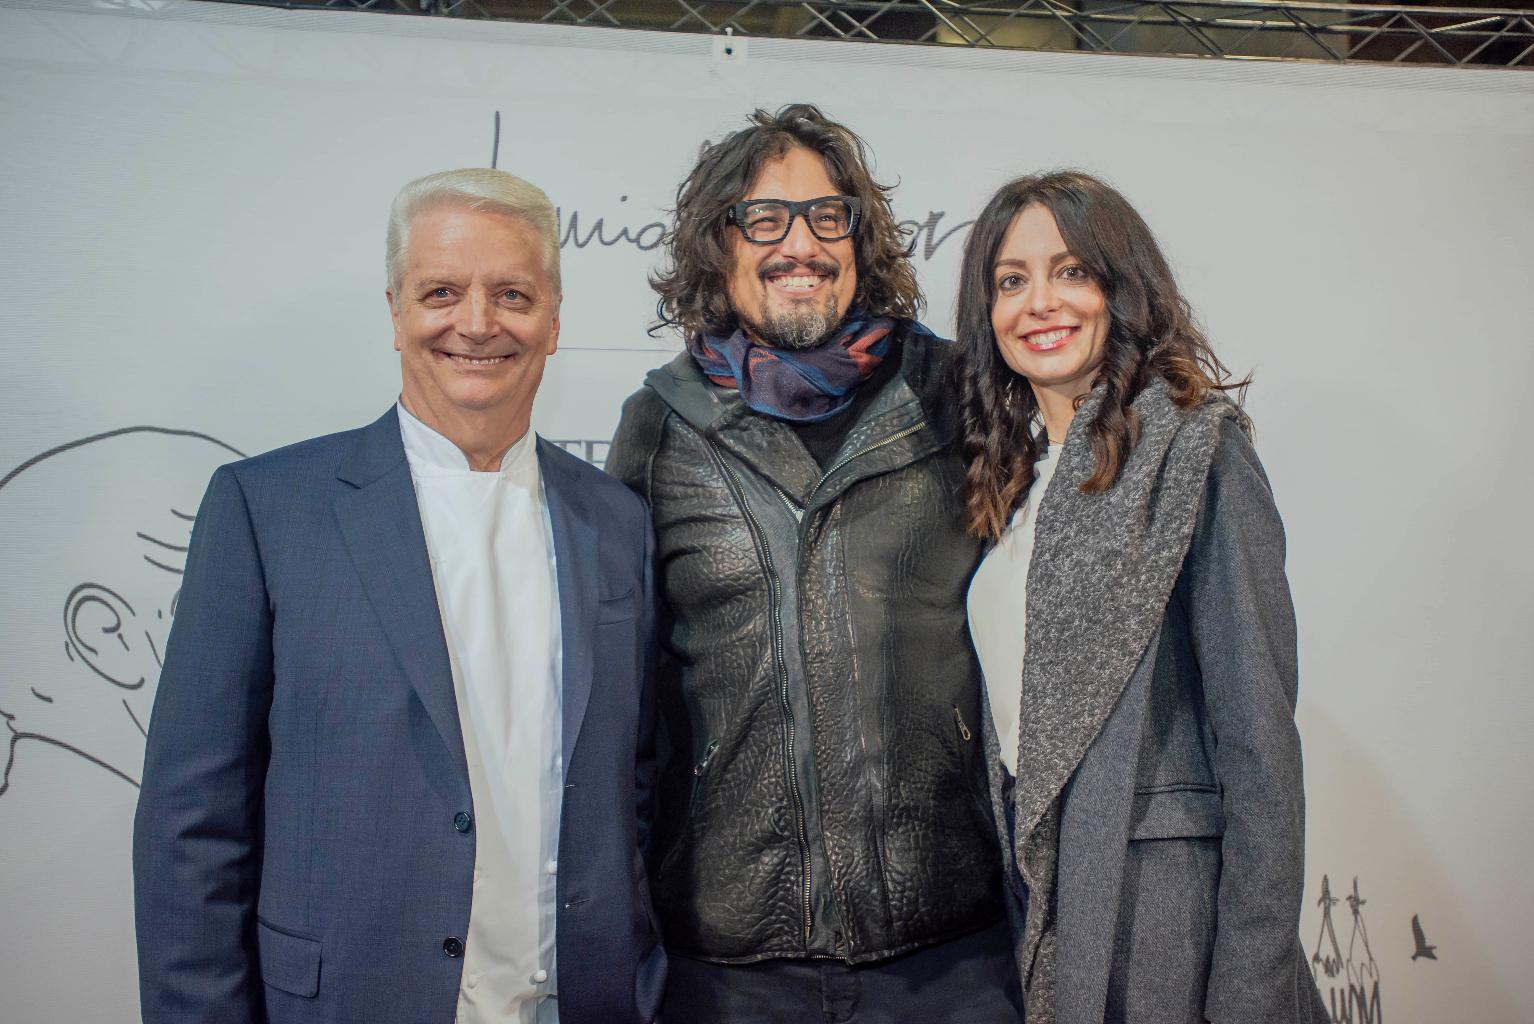 Iginio Massari con la figlia Debora e Alessandro Borghese